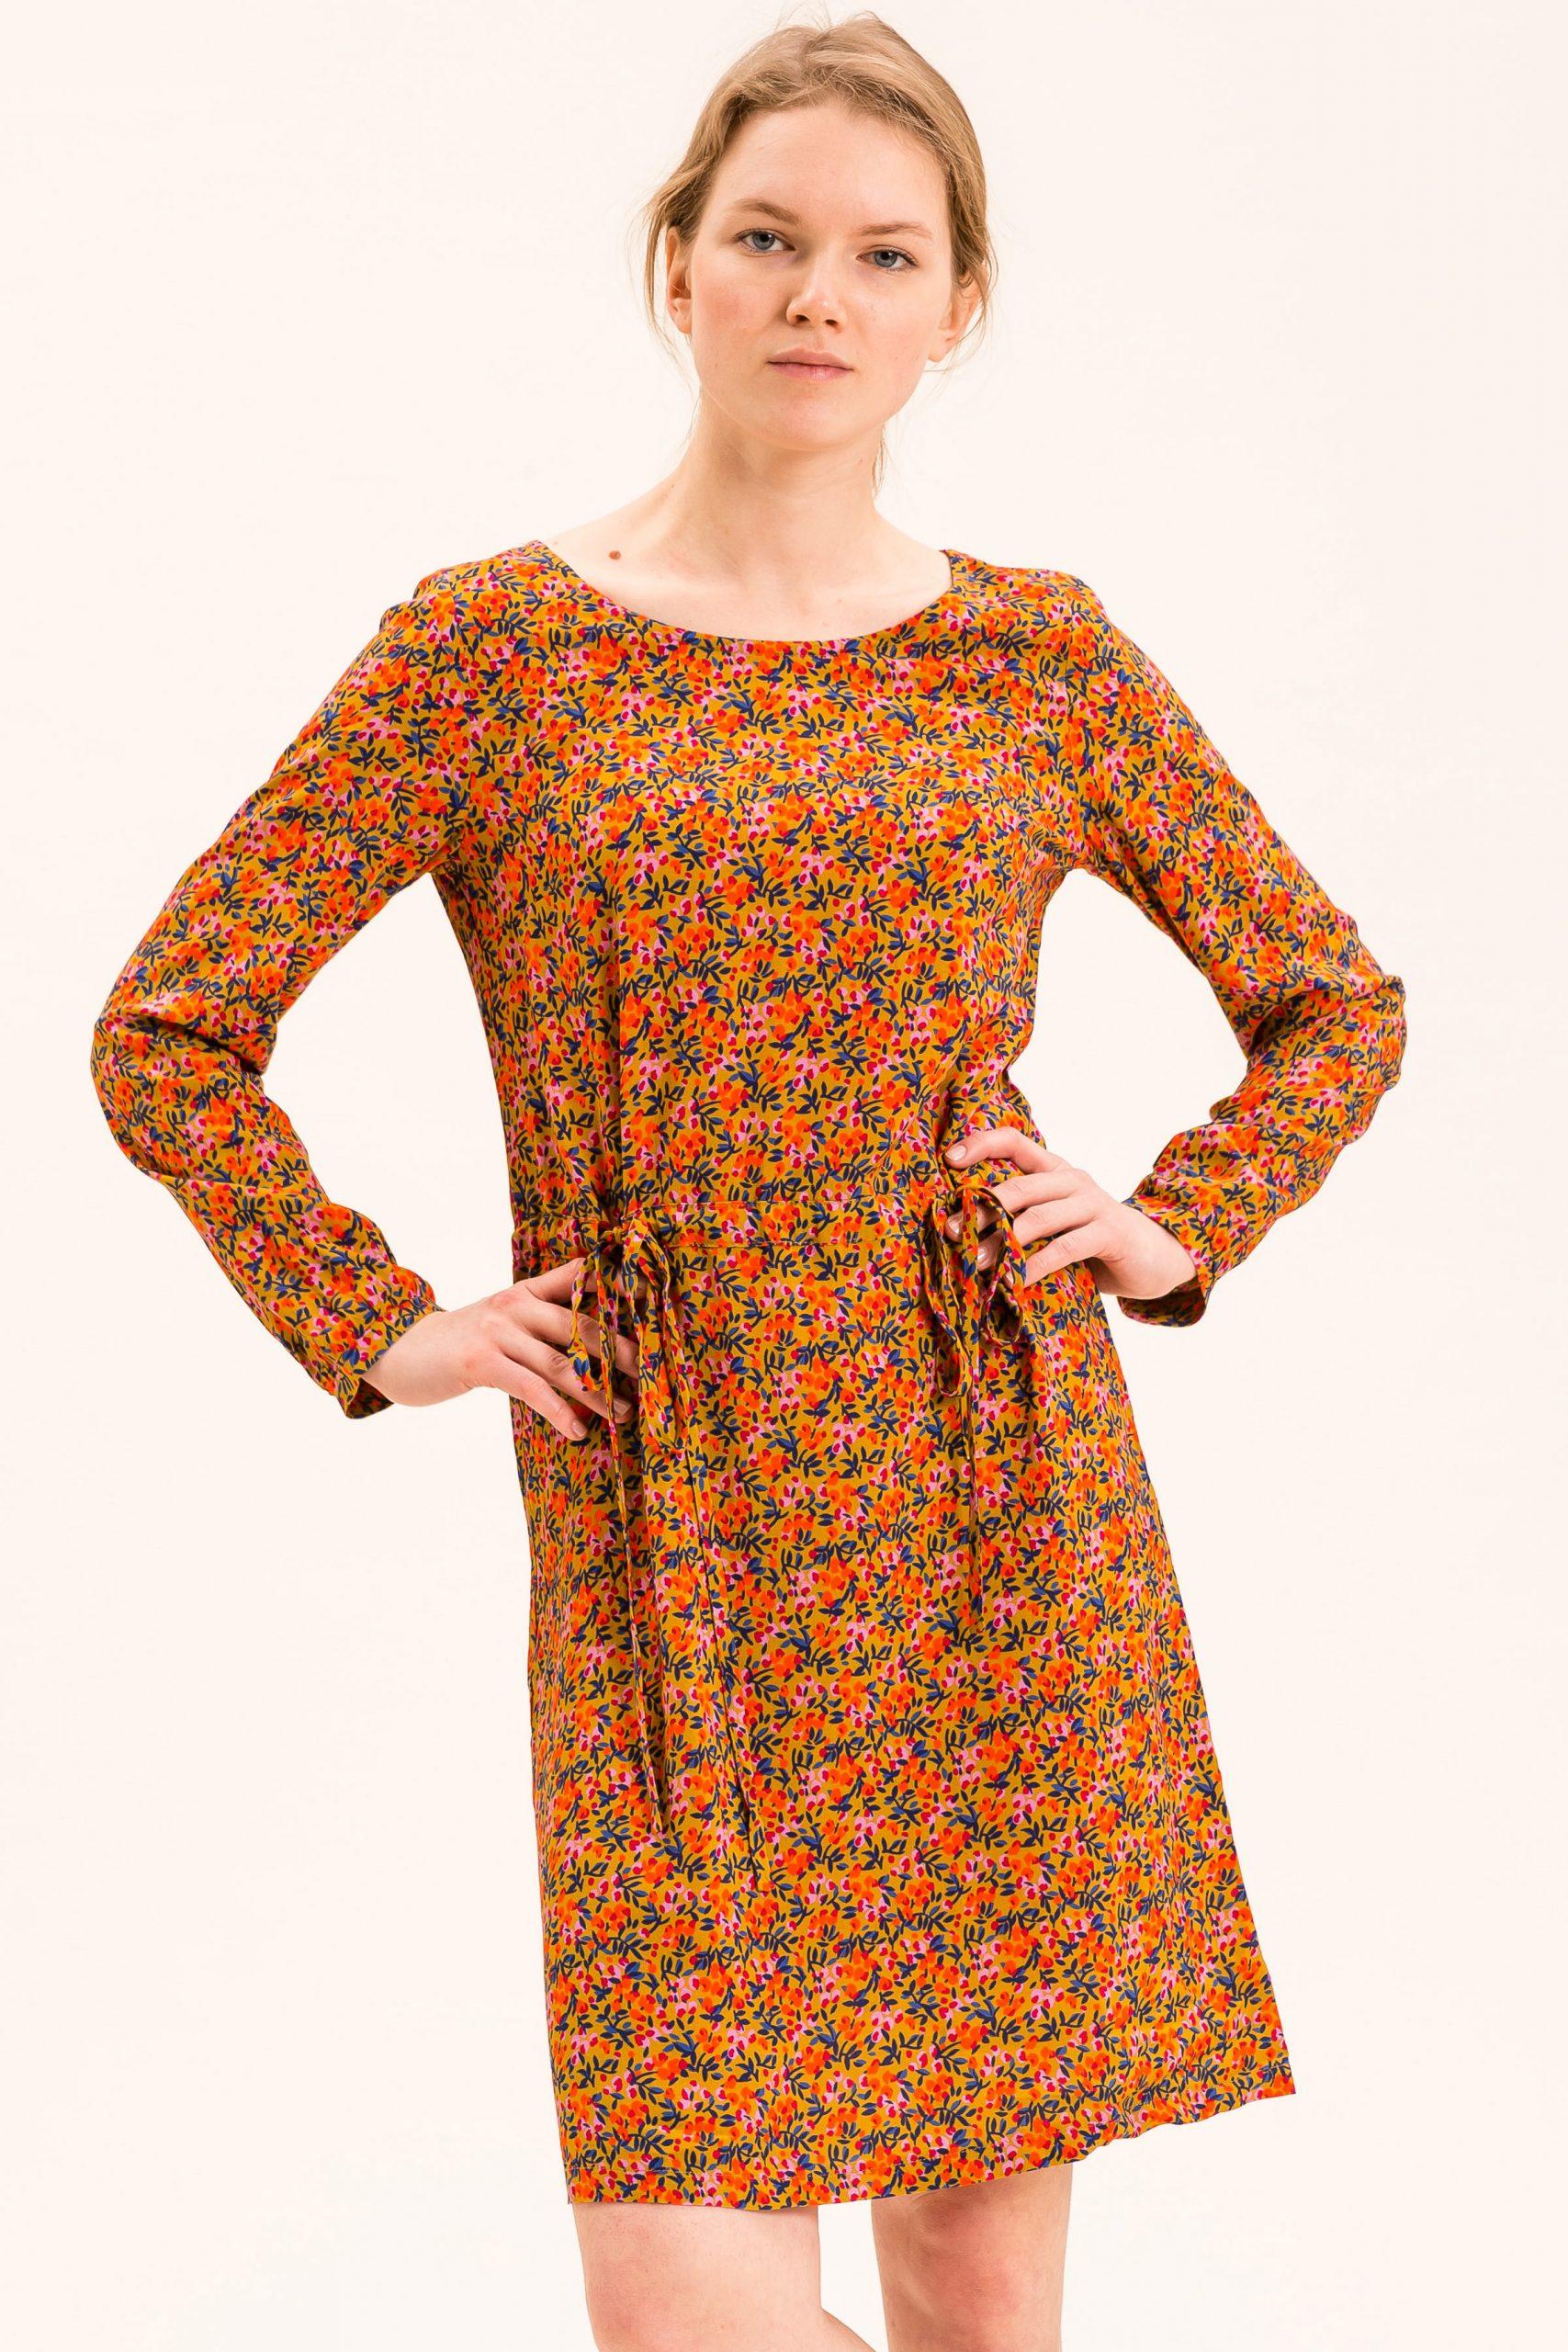 Kleider  Frauen  Bekleidung  Uvr Connected